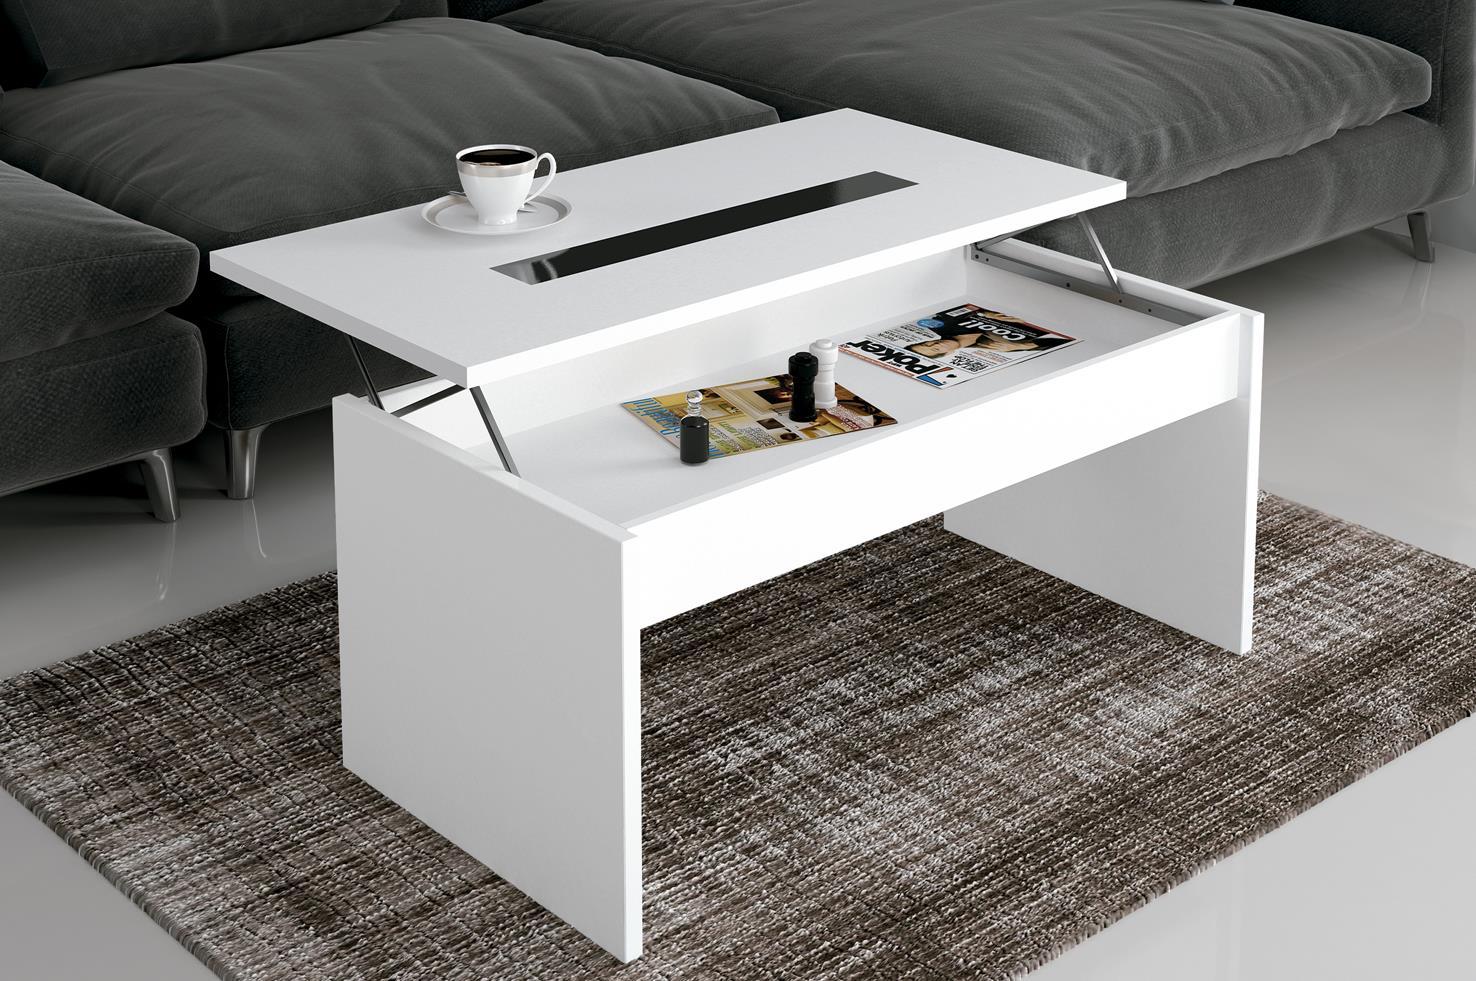 Mesa De Centro Elevable Muebles Bandama # Muebles Bandama